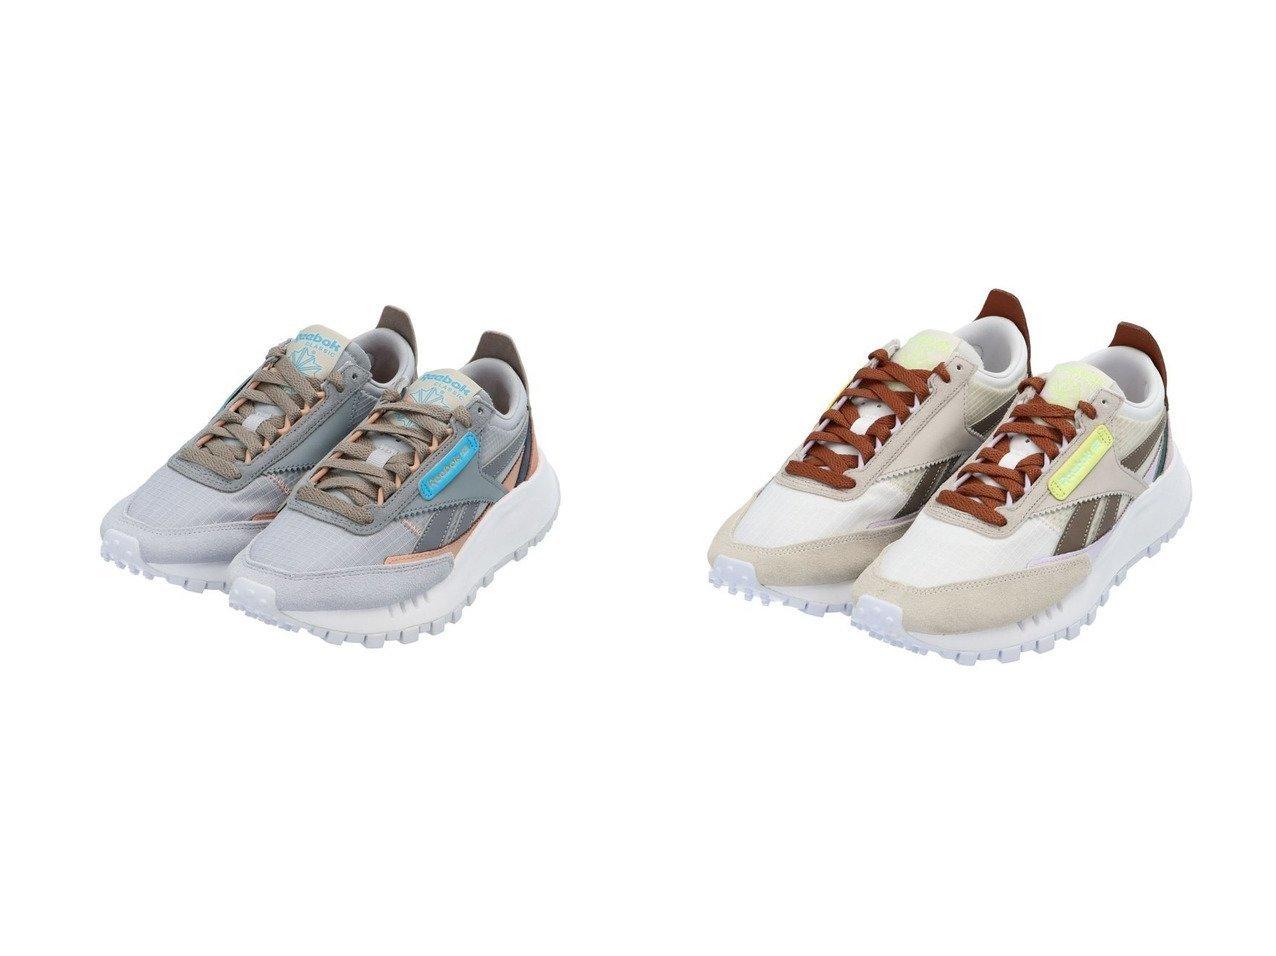 【Reebok CLASSIC/リーボック】のクラシック レザー レガシー Classic Leather Legacy Shoes リーボック 【シューズ・靴】おすすめ!人気、トレンド・レディースファッションの通販   おすすめで人気の流行・トレンド、ファッションの通販商品 メンズファッション・キッズファッション・インテリア・家具・レディースファッション・服の通販 founy(ファニー) https://founy.com/ ファッション Fashion レディースファッション WOMEN おすすめ Recommend クラシック クール シューズ スエード スニーカー スリッポン テクスチャー ビンテージ メッシュ 再入荷 Restock/Back in Stock/Re Arrival 軽量  ID:crp329100000026892